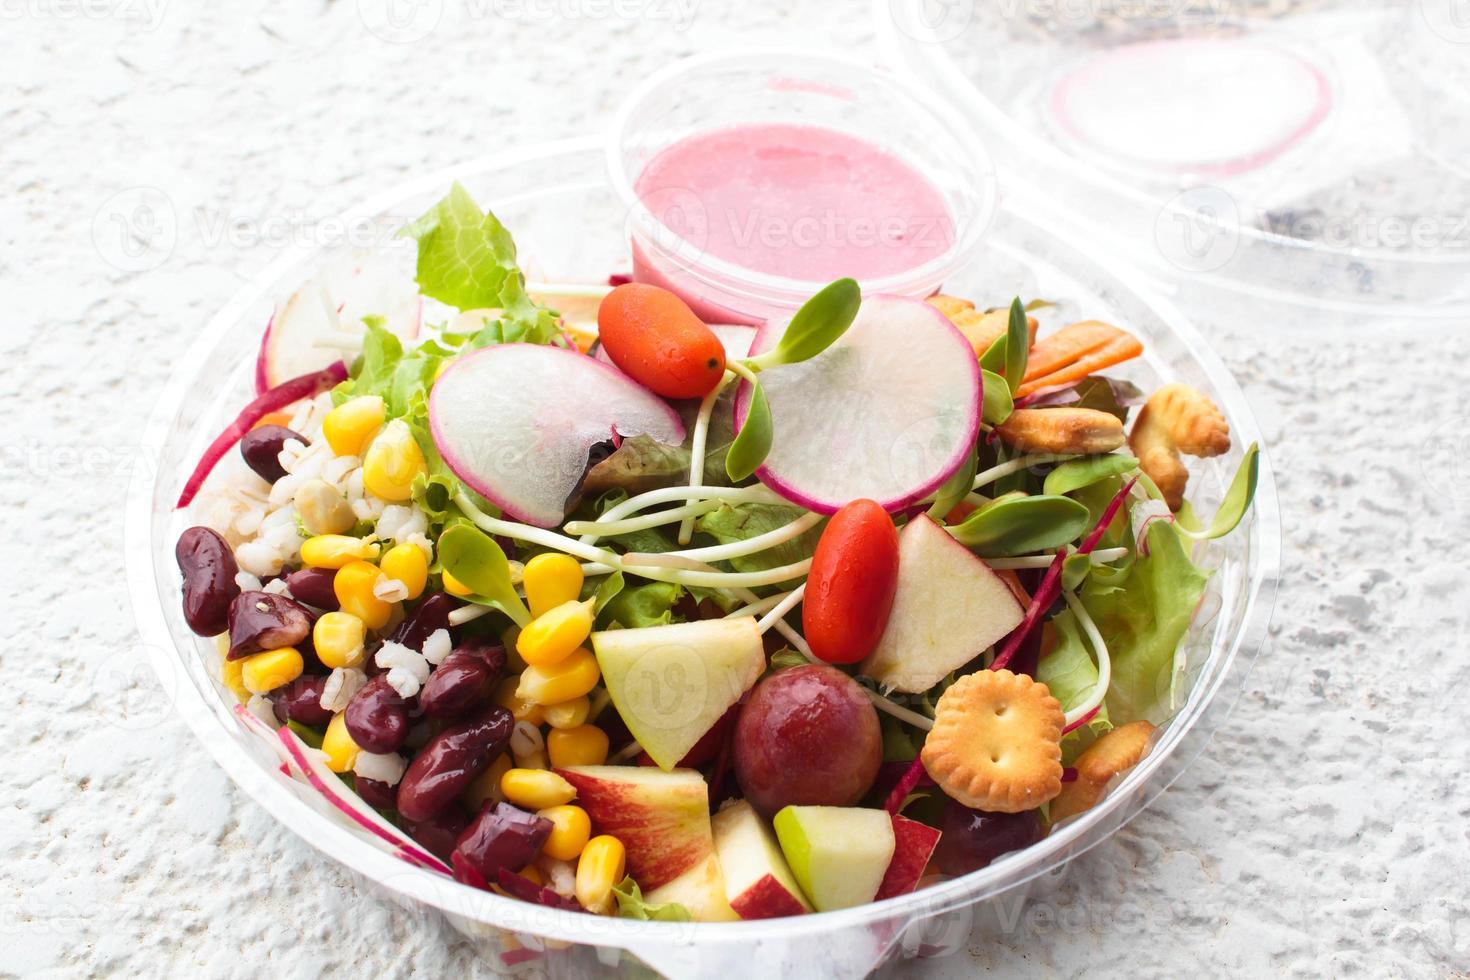 frisches Salatgemüse und Obst. foto